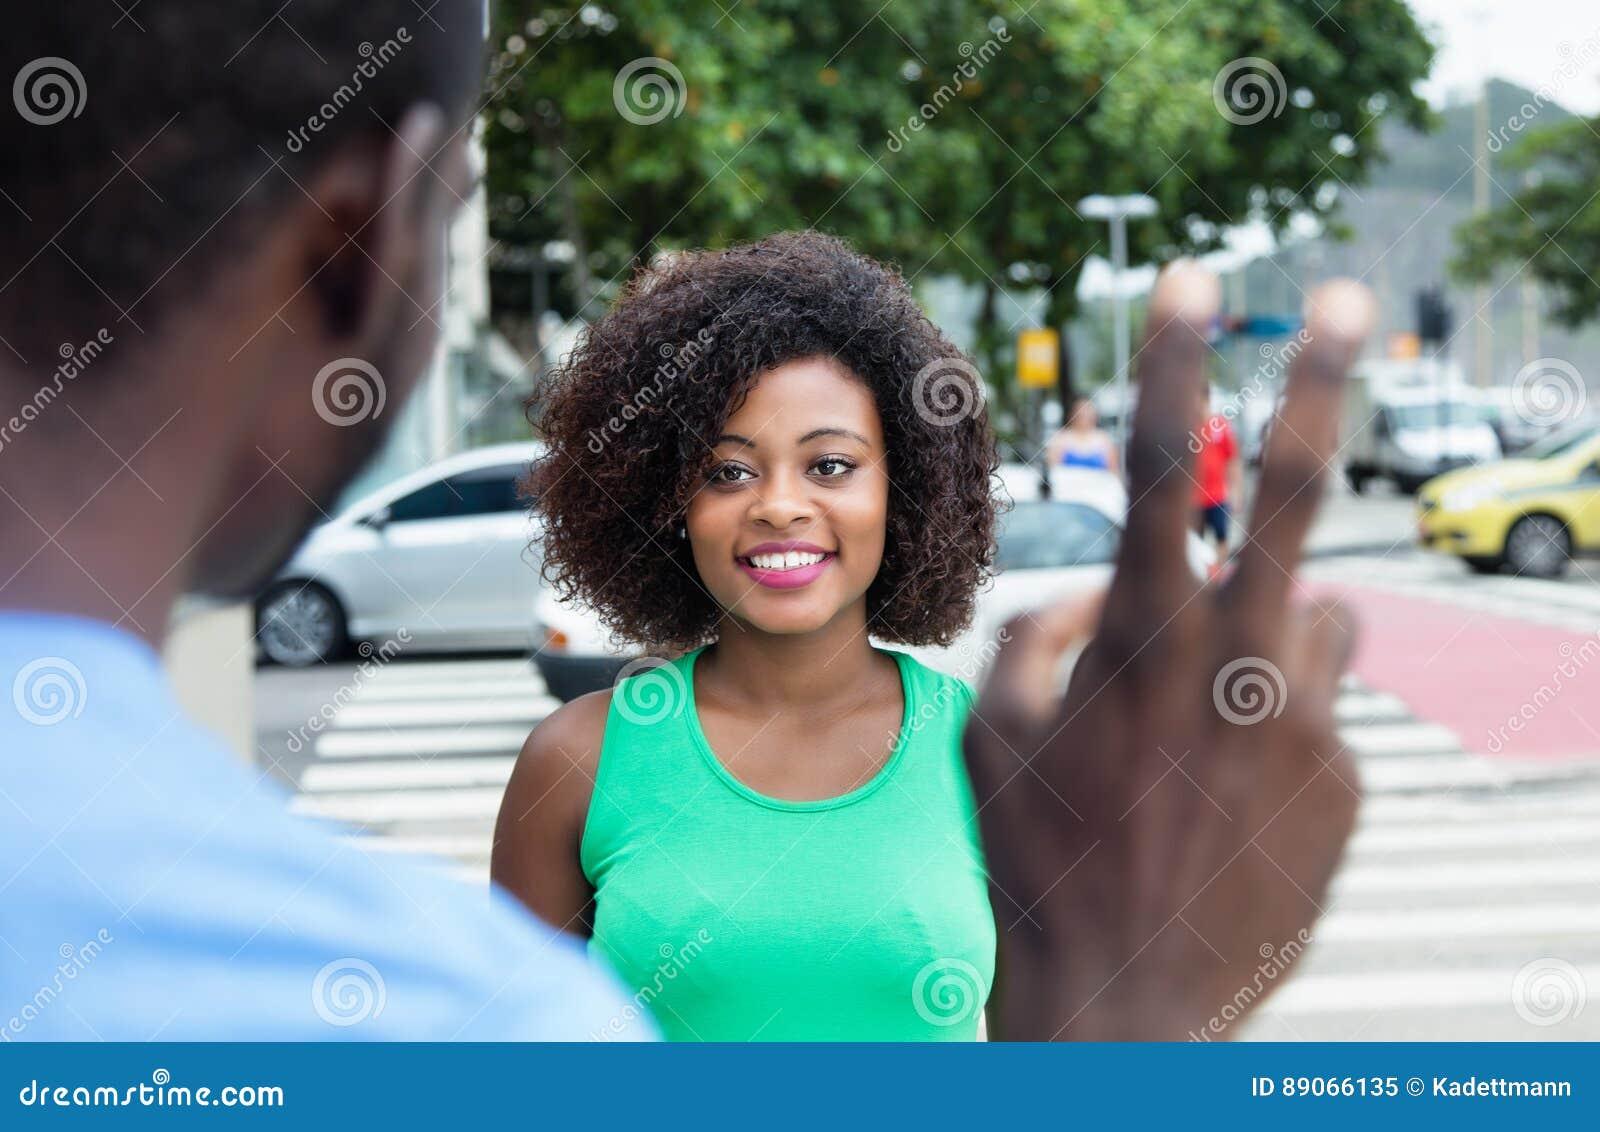 Site de rencontres afro-américaine